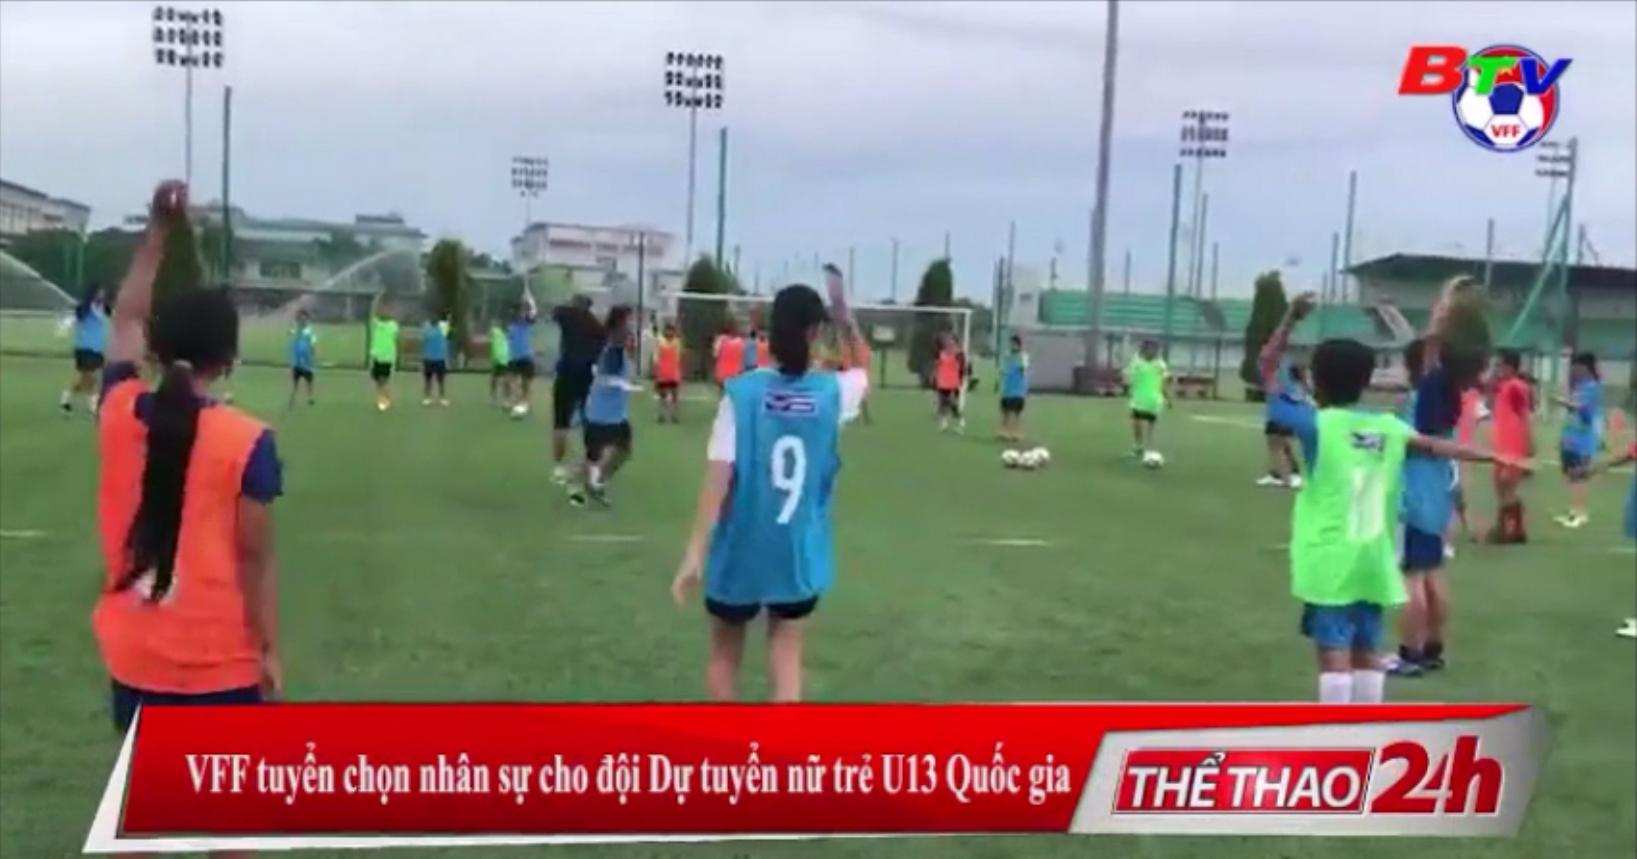 VFF tuyển chọn nhân sự cho Đội dự tuyển nữ trẻ U13 Quốc gia